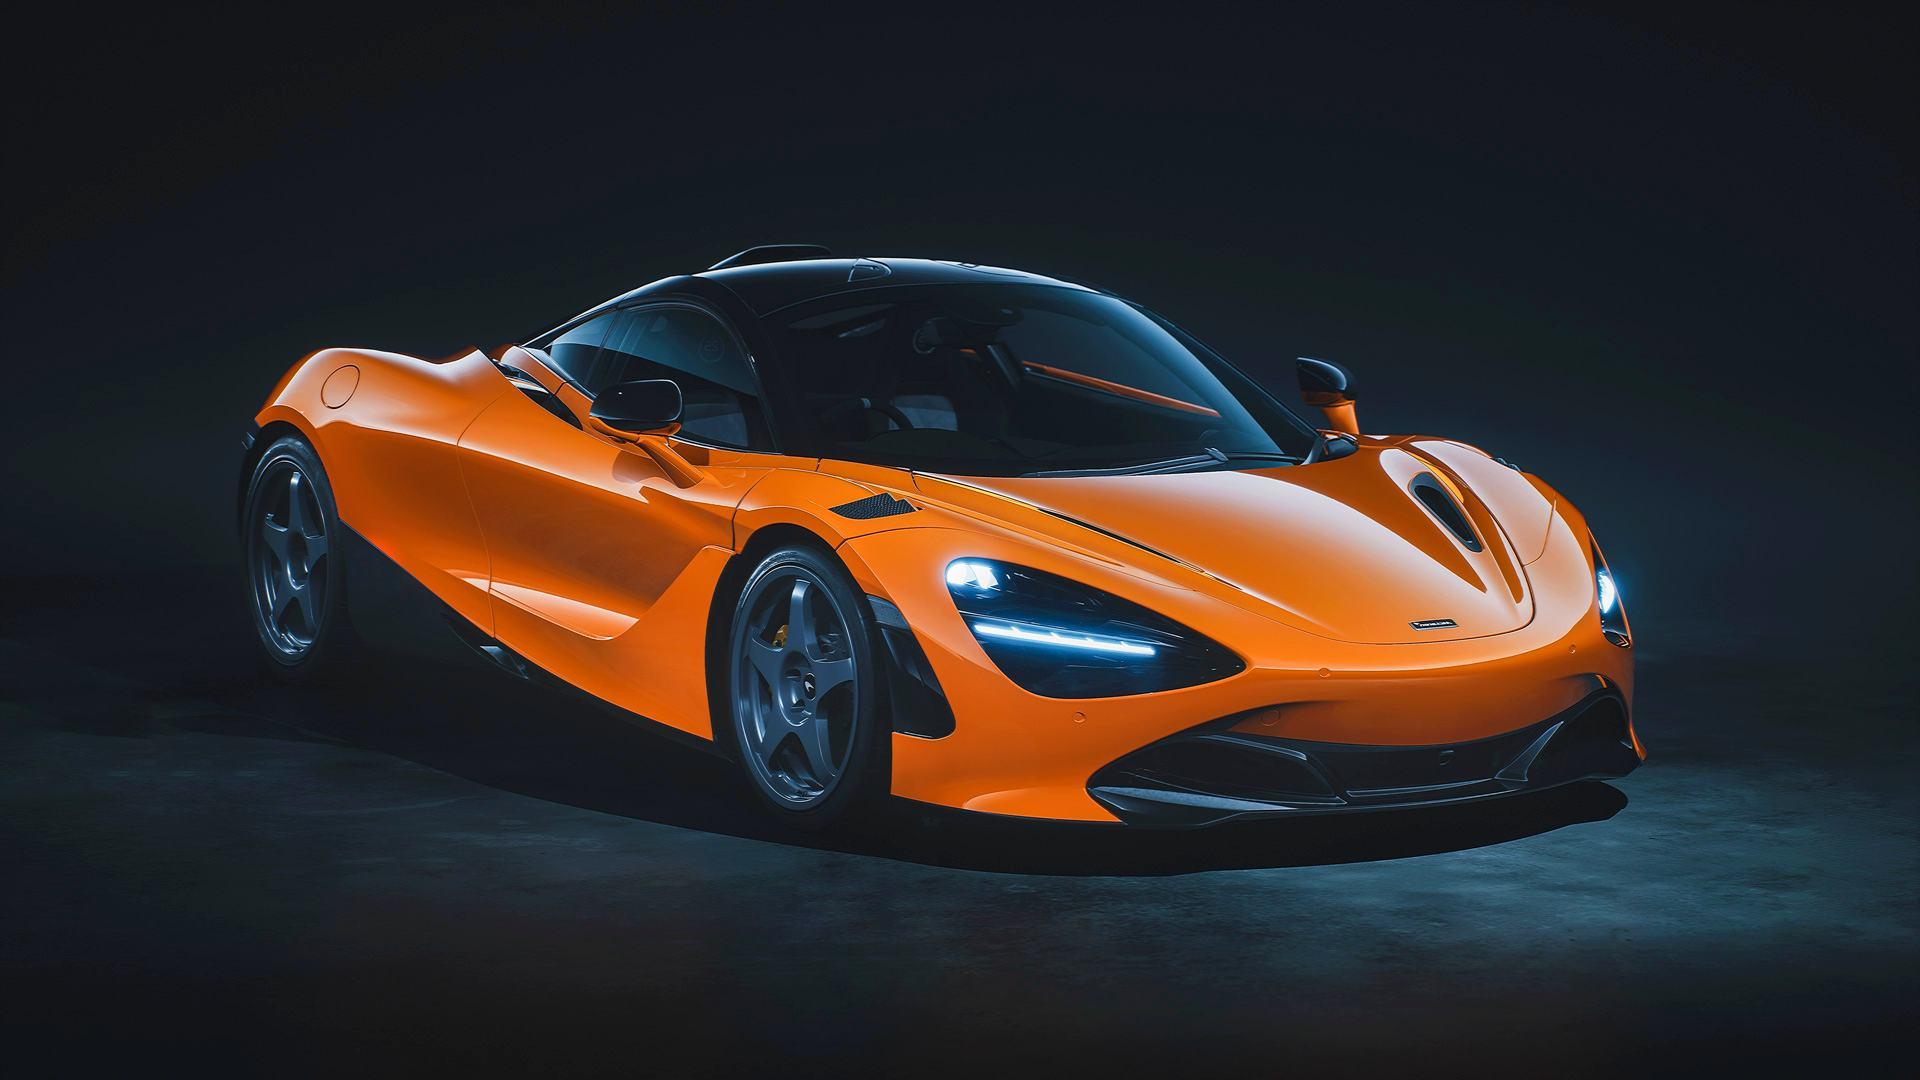 2020 McLaren 720S Le Mans